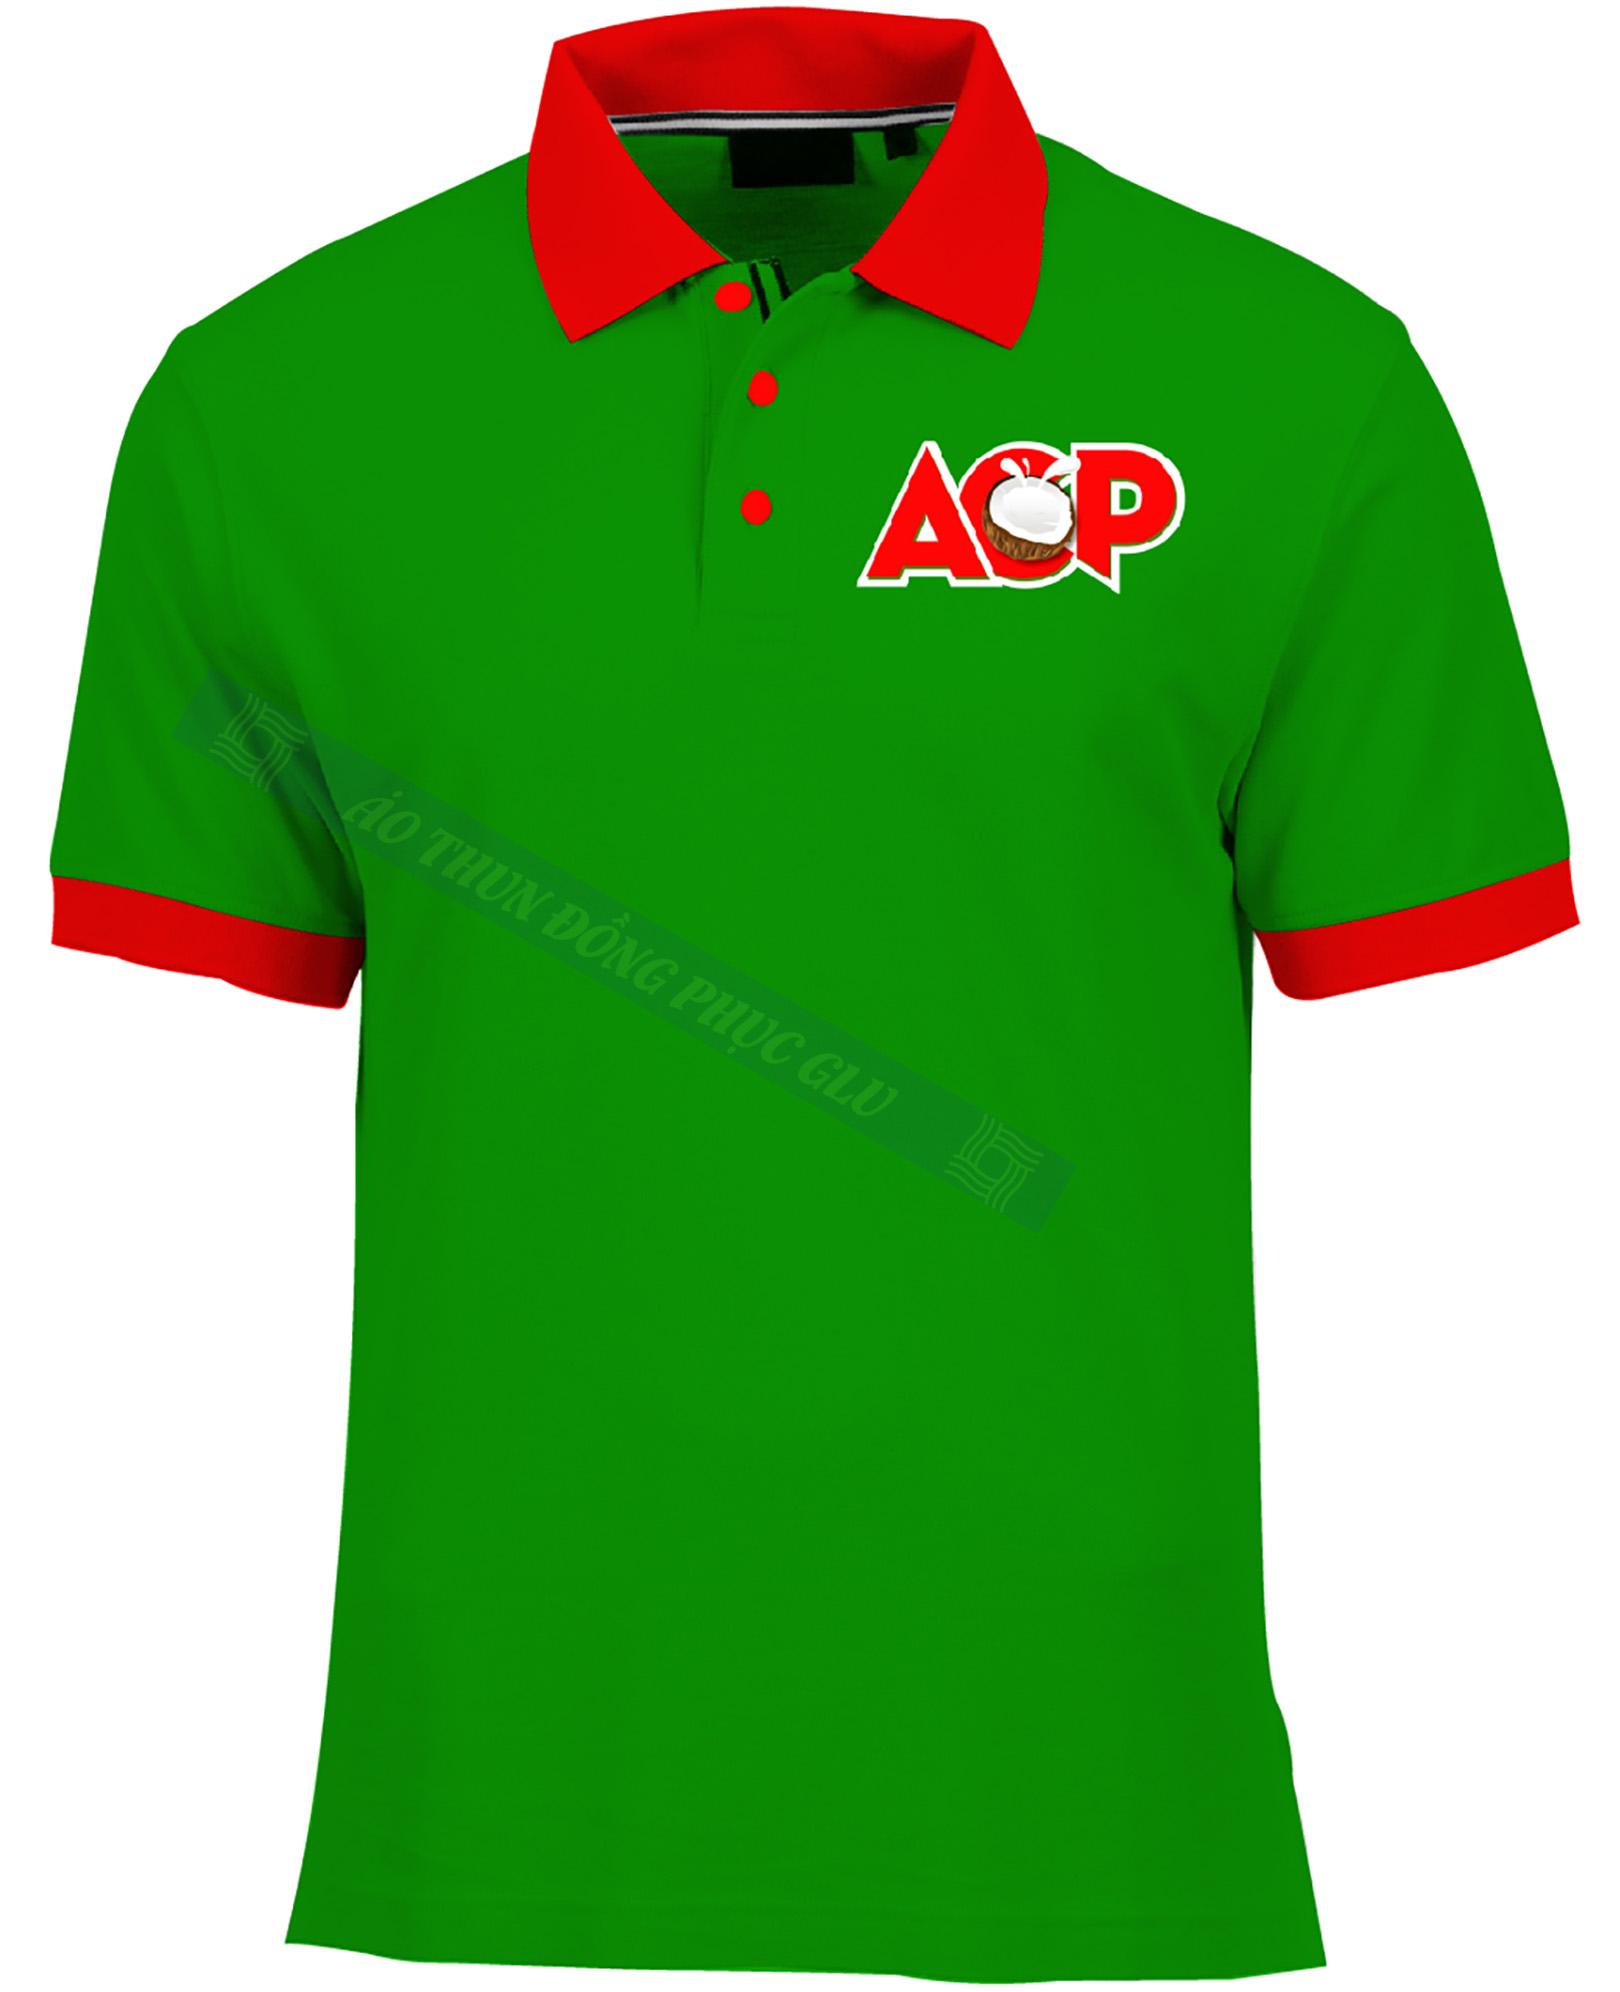 AO THUN ACP AT334 Áo thun công ty